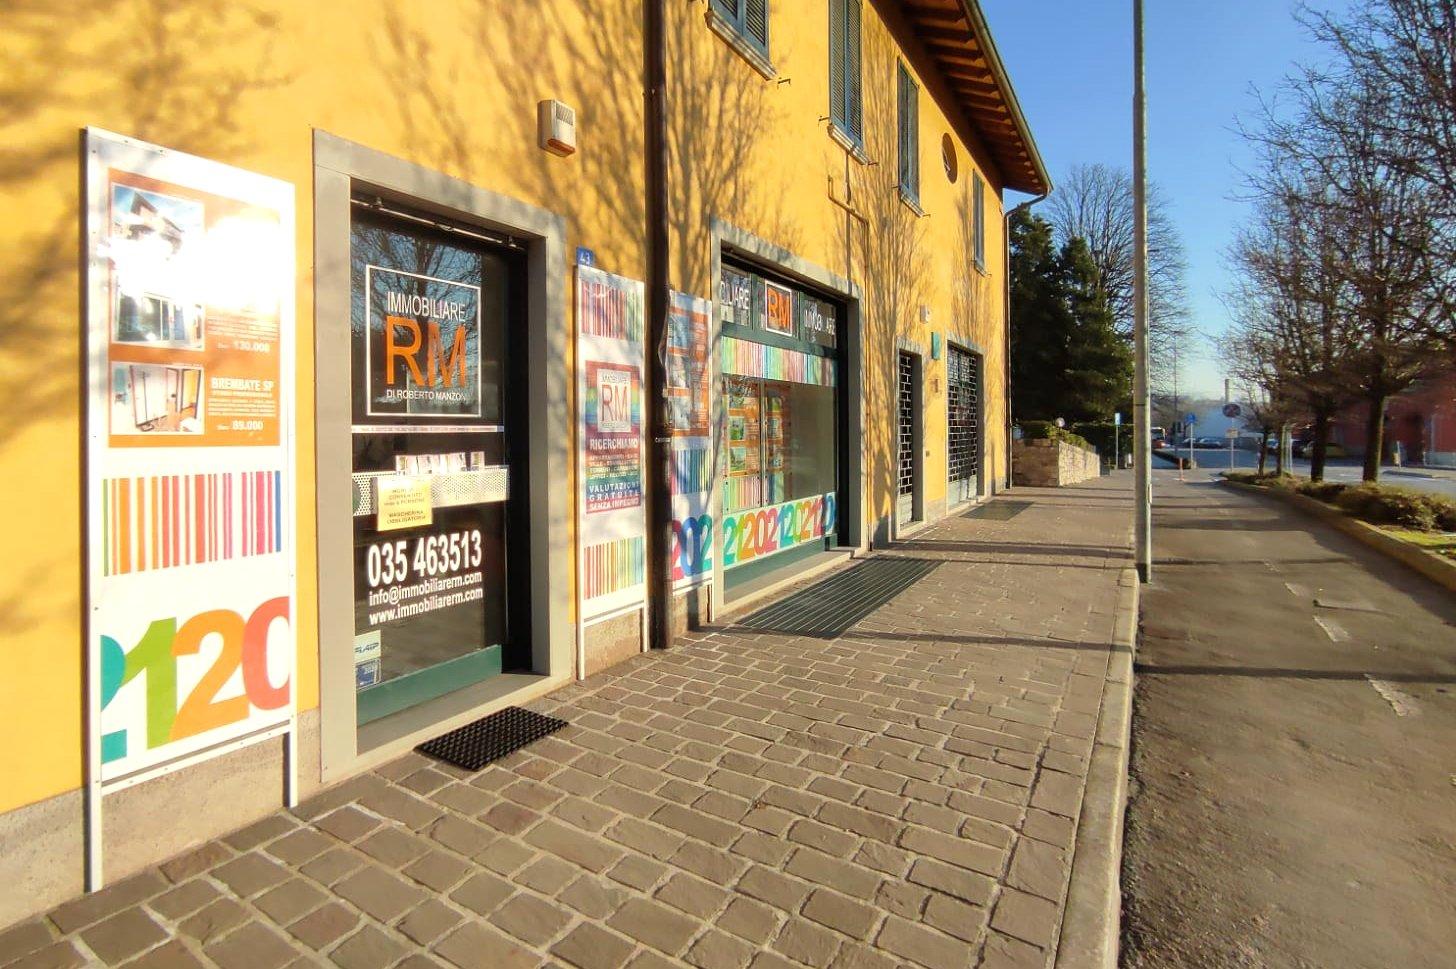 #2021 - Agenzia Immobiliare Bergamo RM